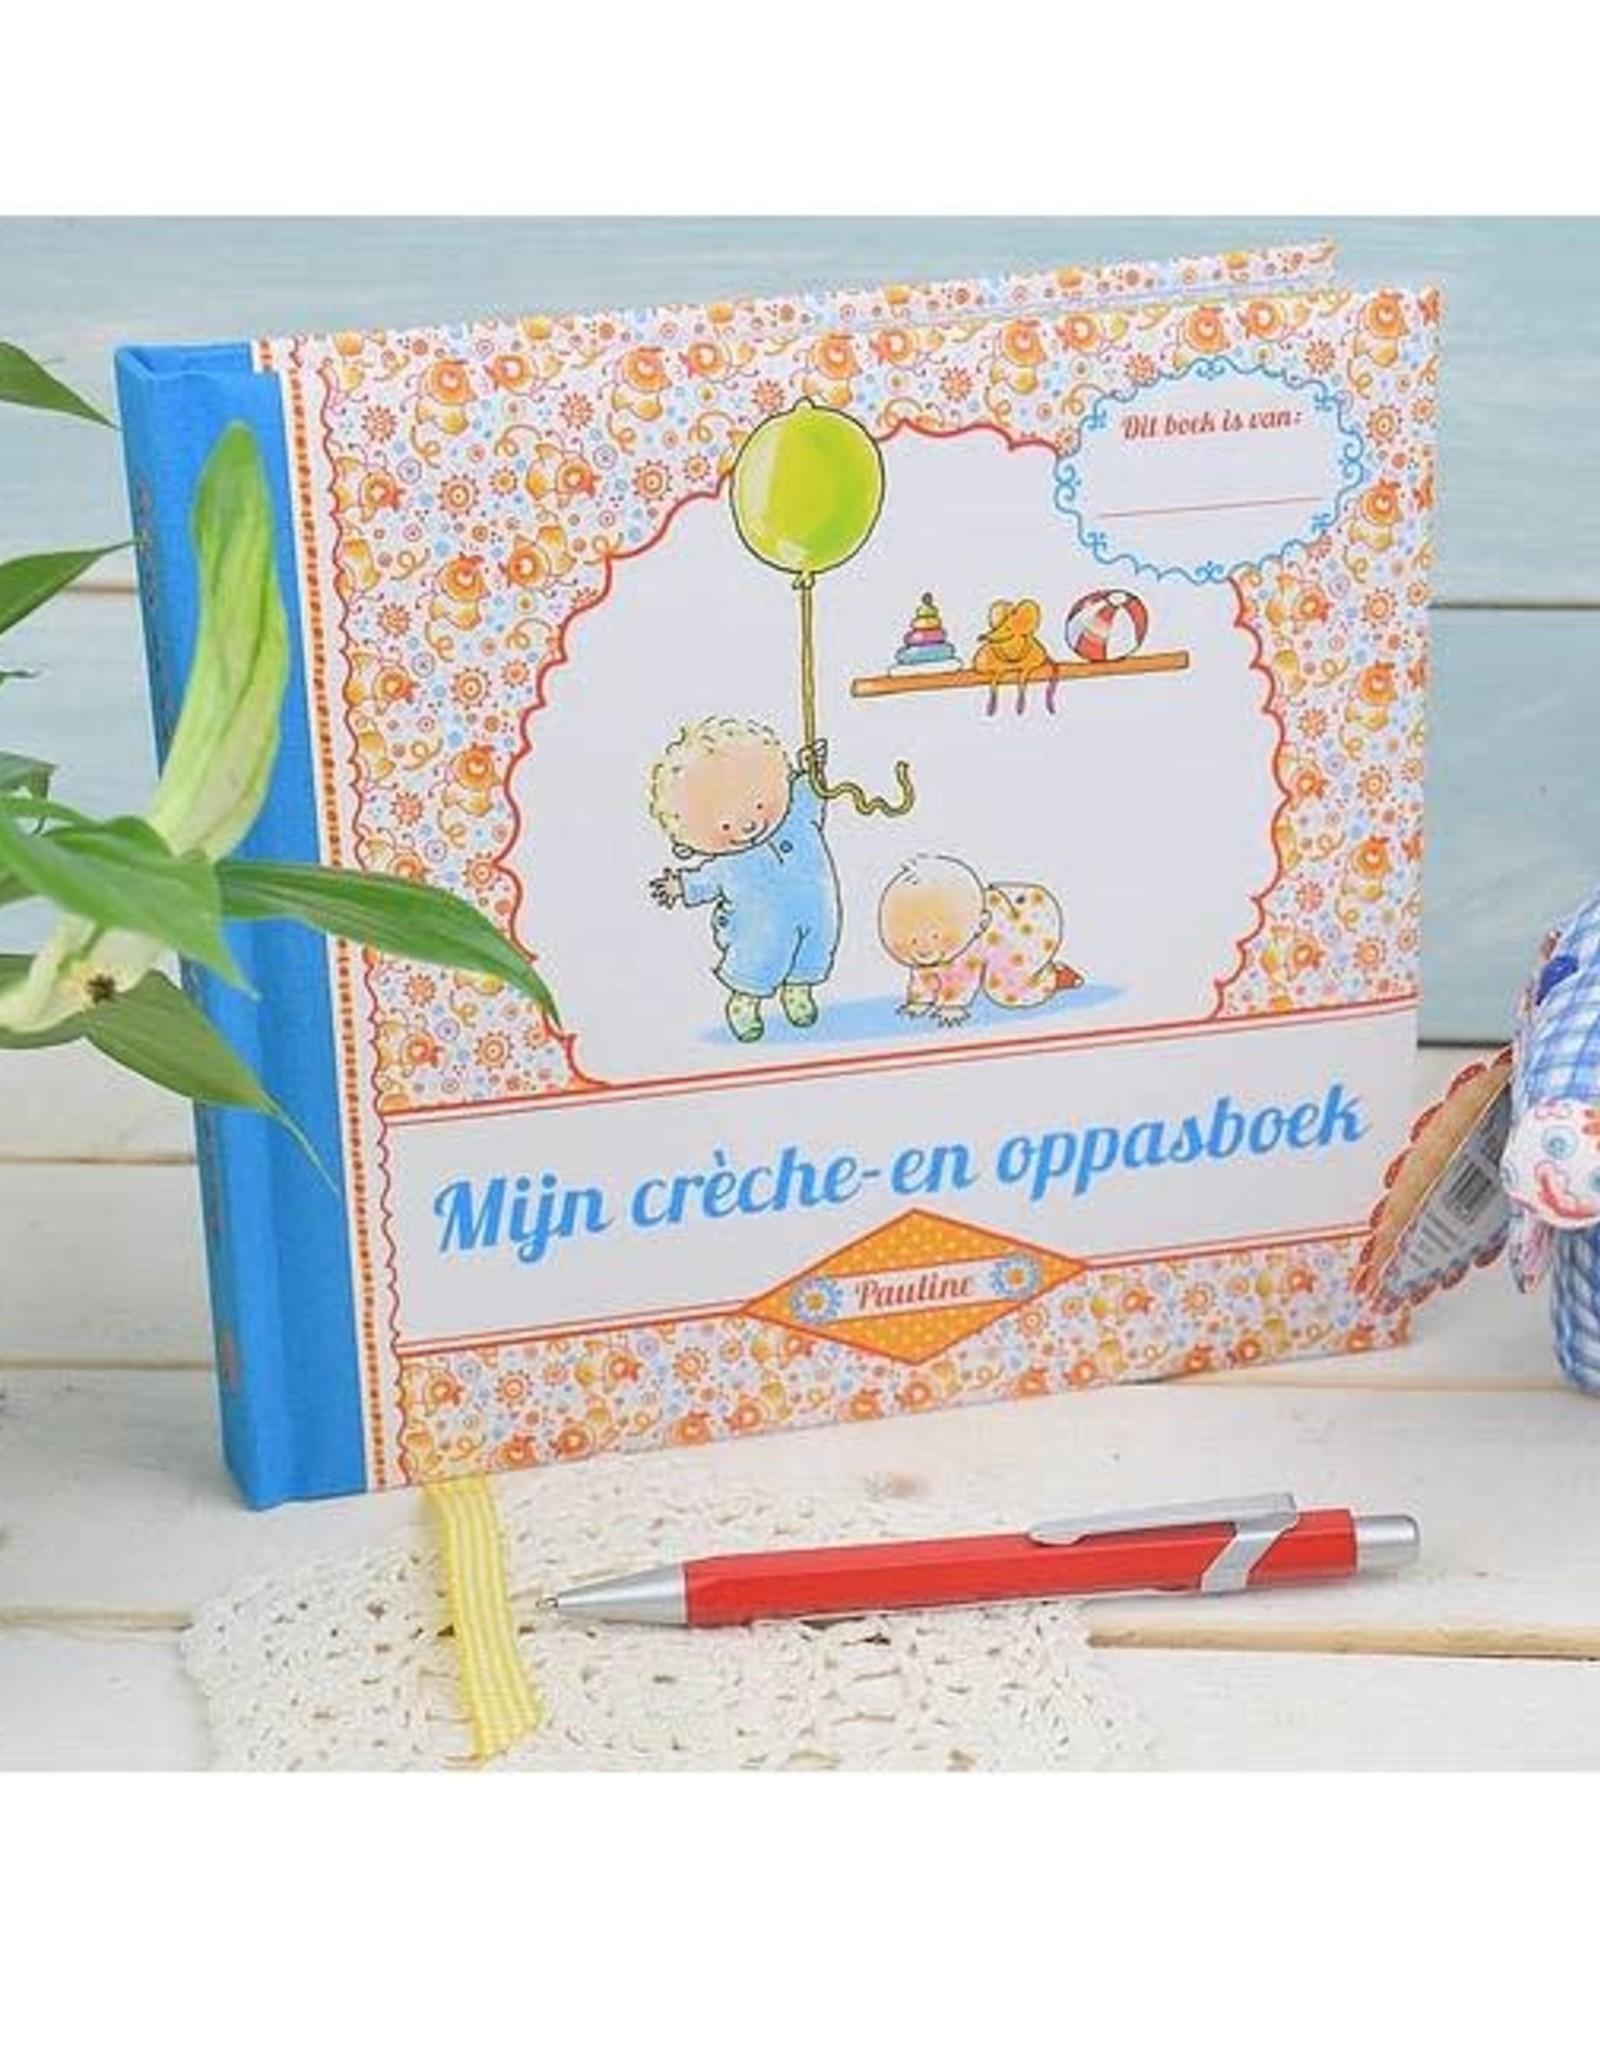 Pauline Oud Mijn crèche- en oppasboek - Pauline Oud